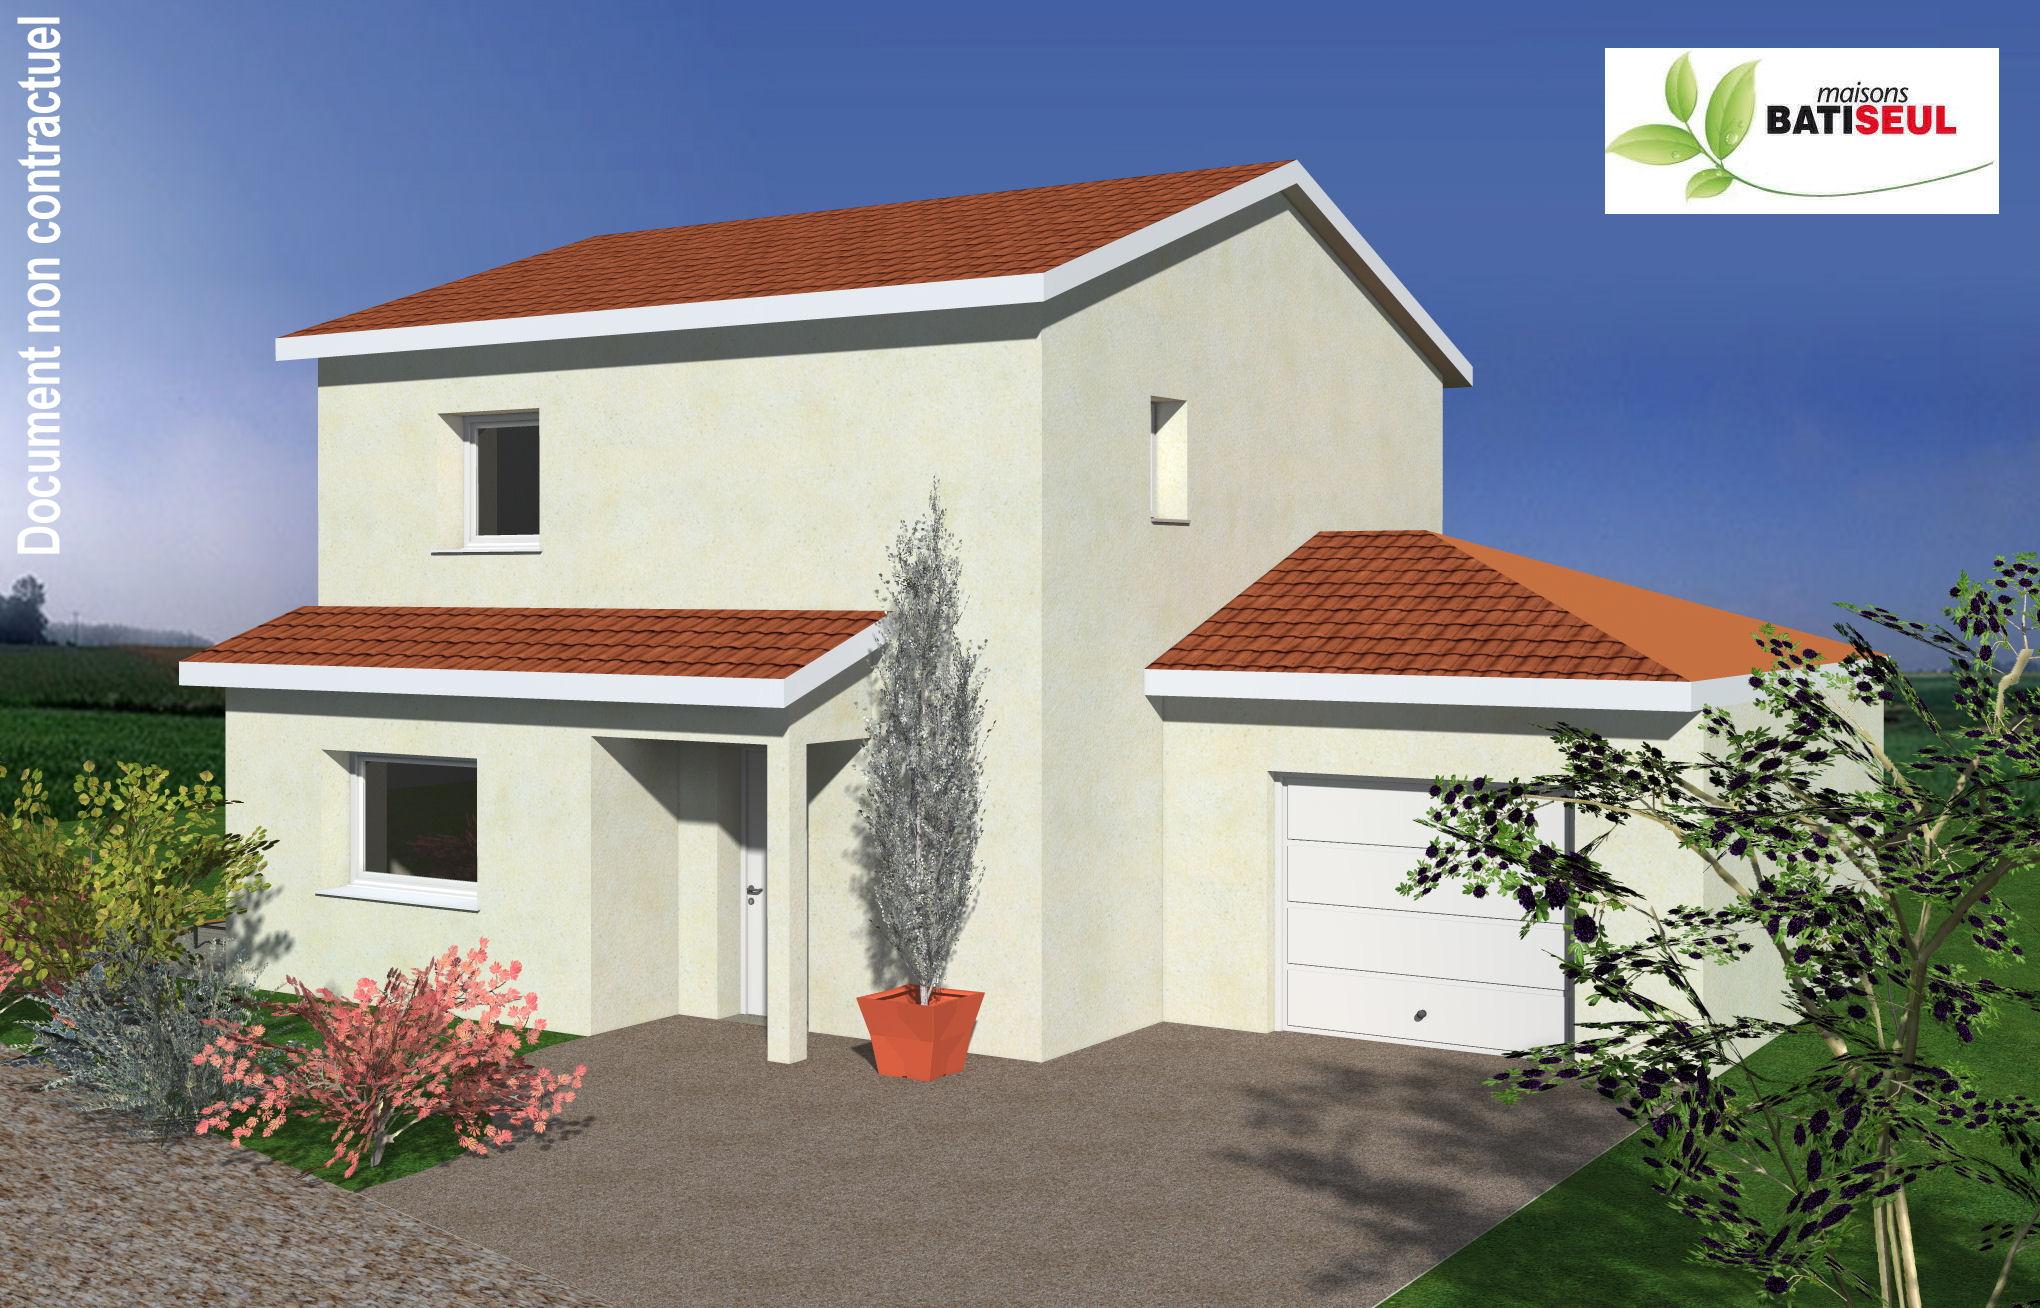 Maisons + Terrains du constructeur MAISONS BATISEUL • SAINT CYPRIEN